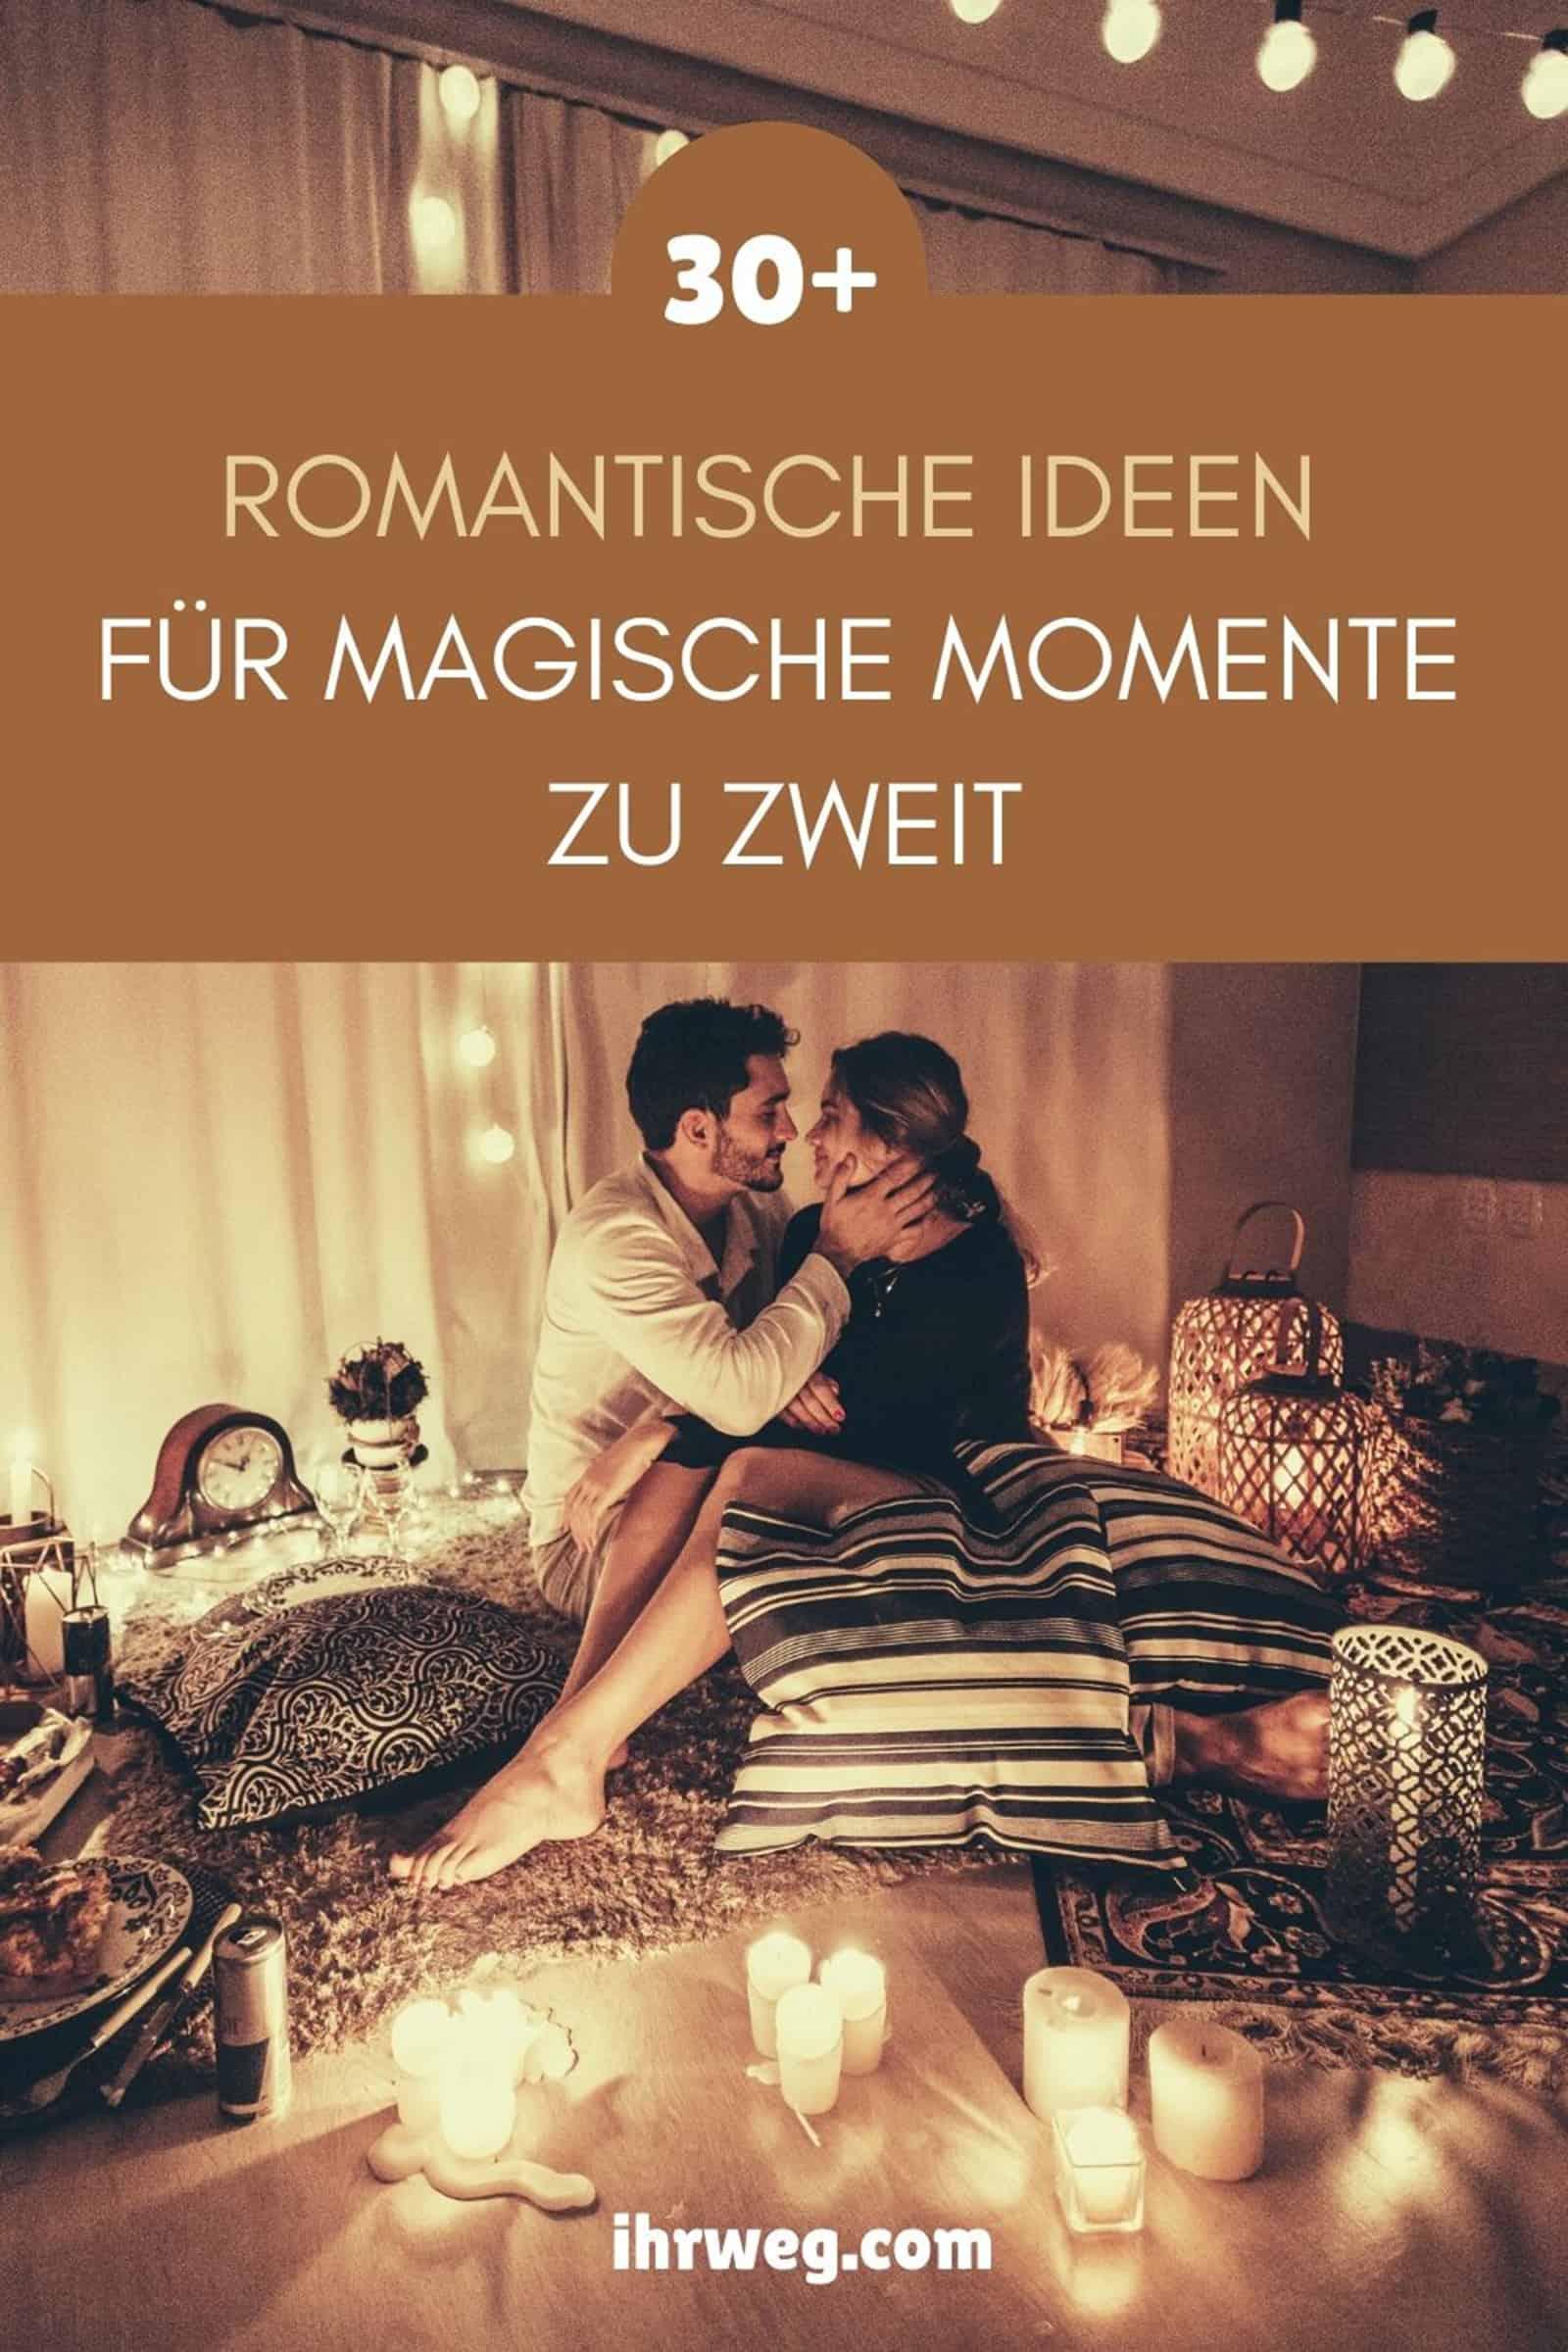 30+ Romantische Ideen Für Magische Momente Zu Zweit